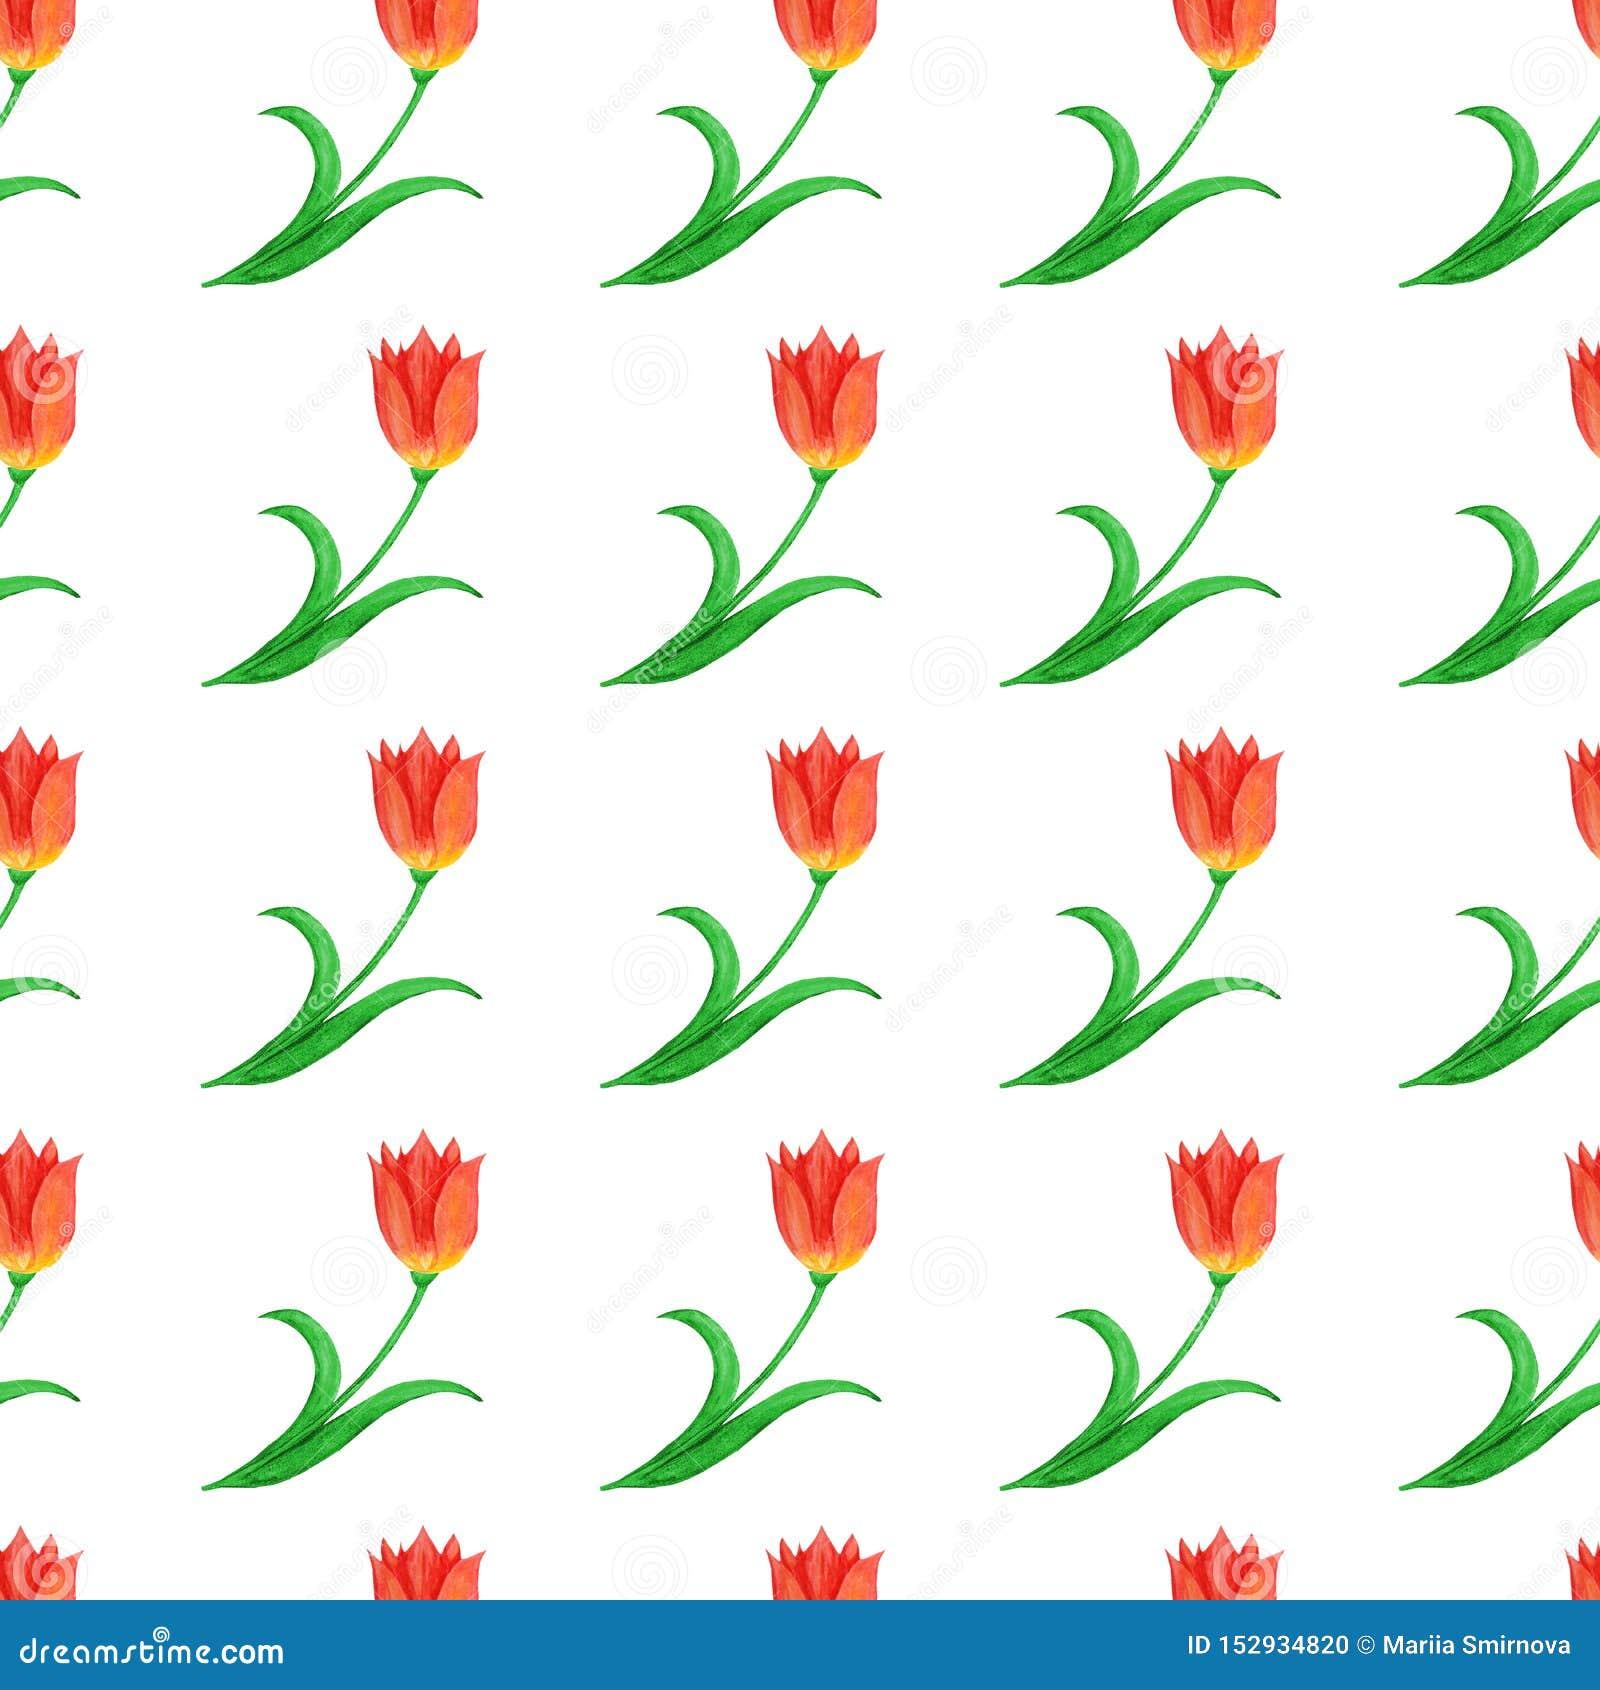 Prosty bezszwowy wzór tulipany odizolowywający na białym tle abstrakcyjny kwiecisty wz?r